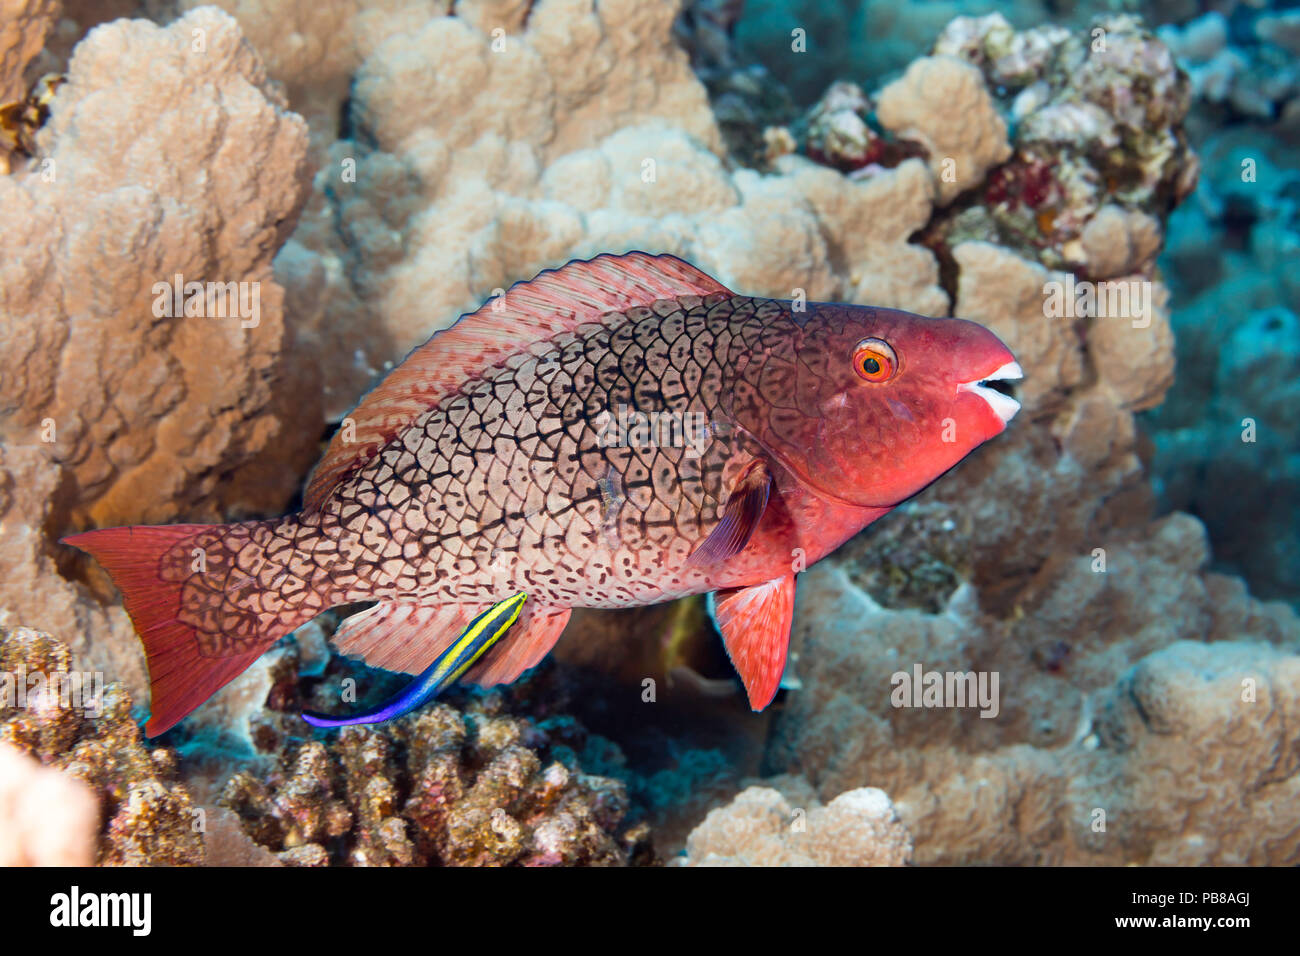 La fase inicial de un pez loro redlip Scarus rubroviolaceus. Este individuo está siendo limpiado por un limpiador hawaianos endémicos de napoleón, Labroides pht Foto de stock